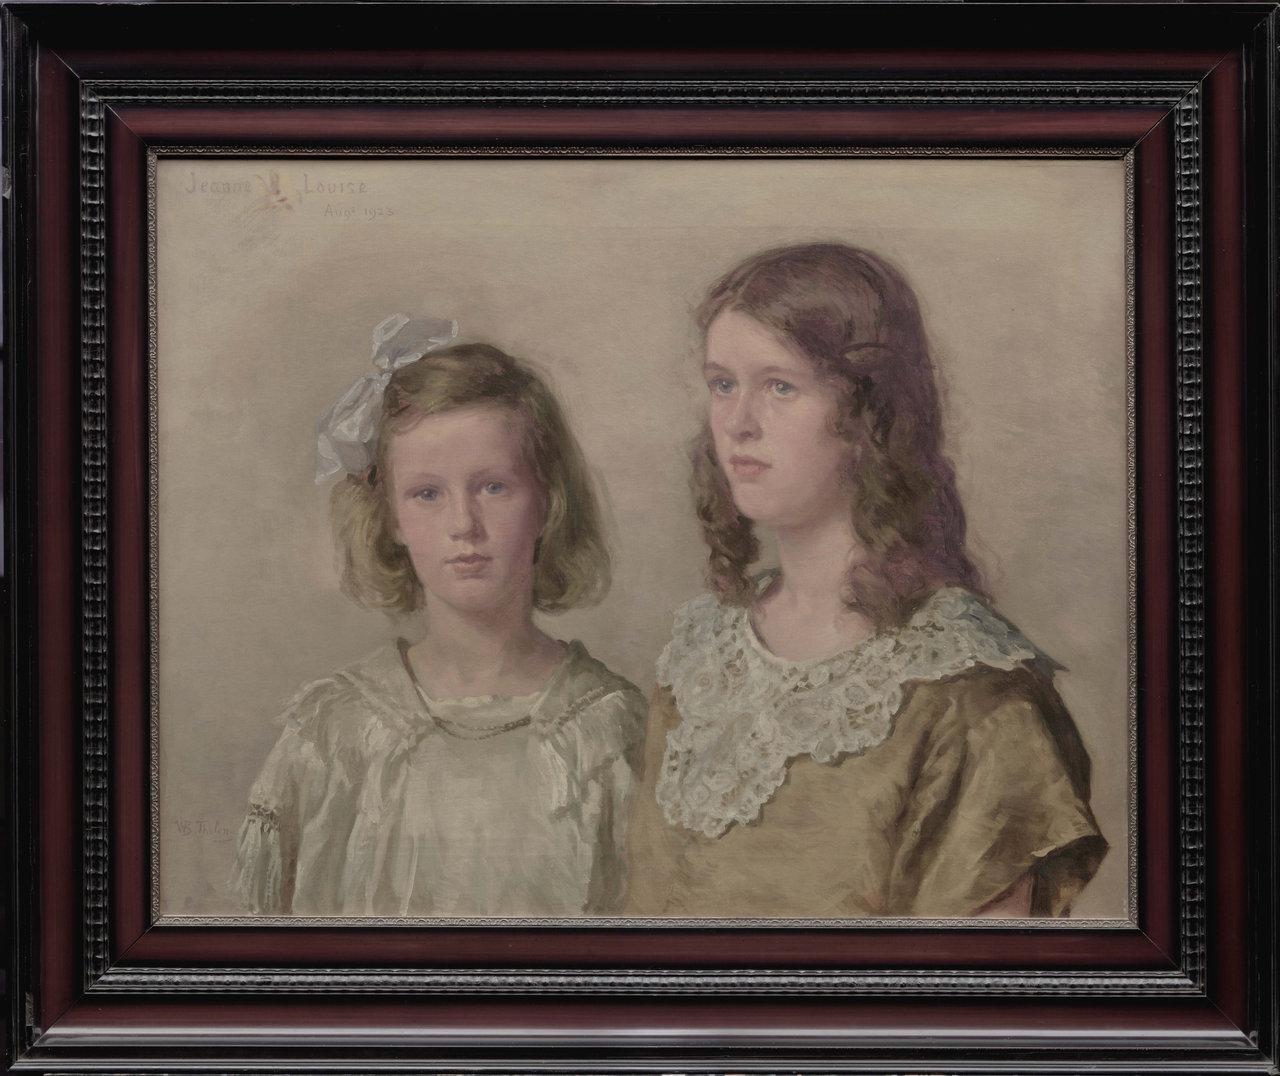 Portret van Jeanne en Louise